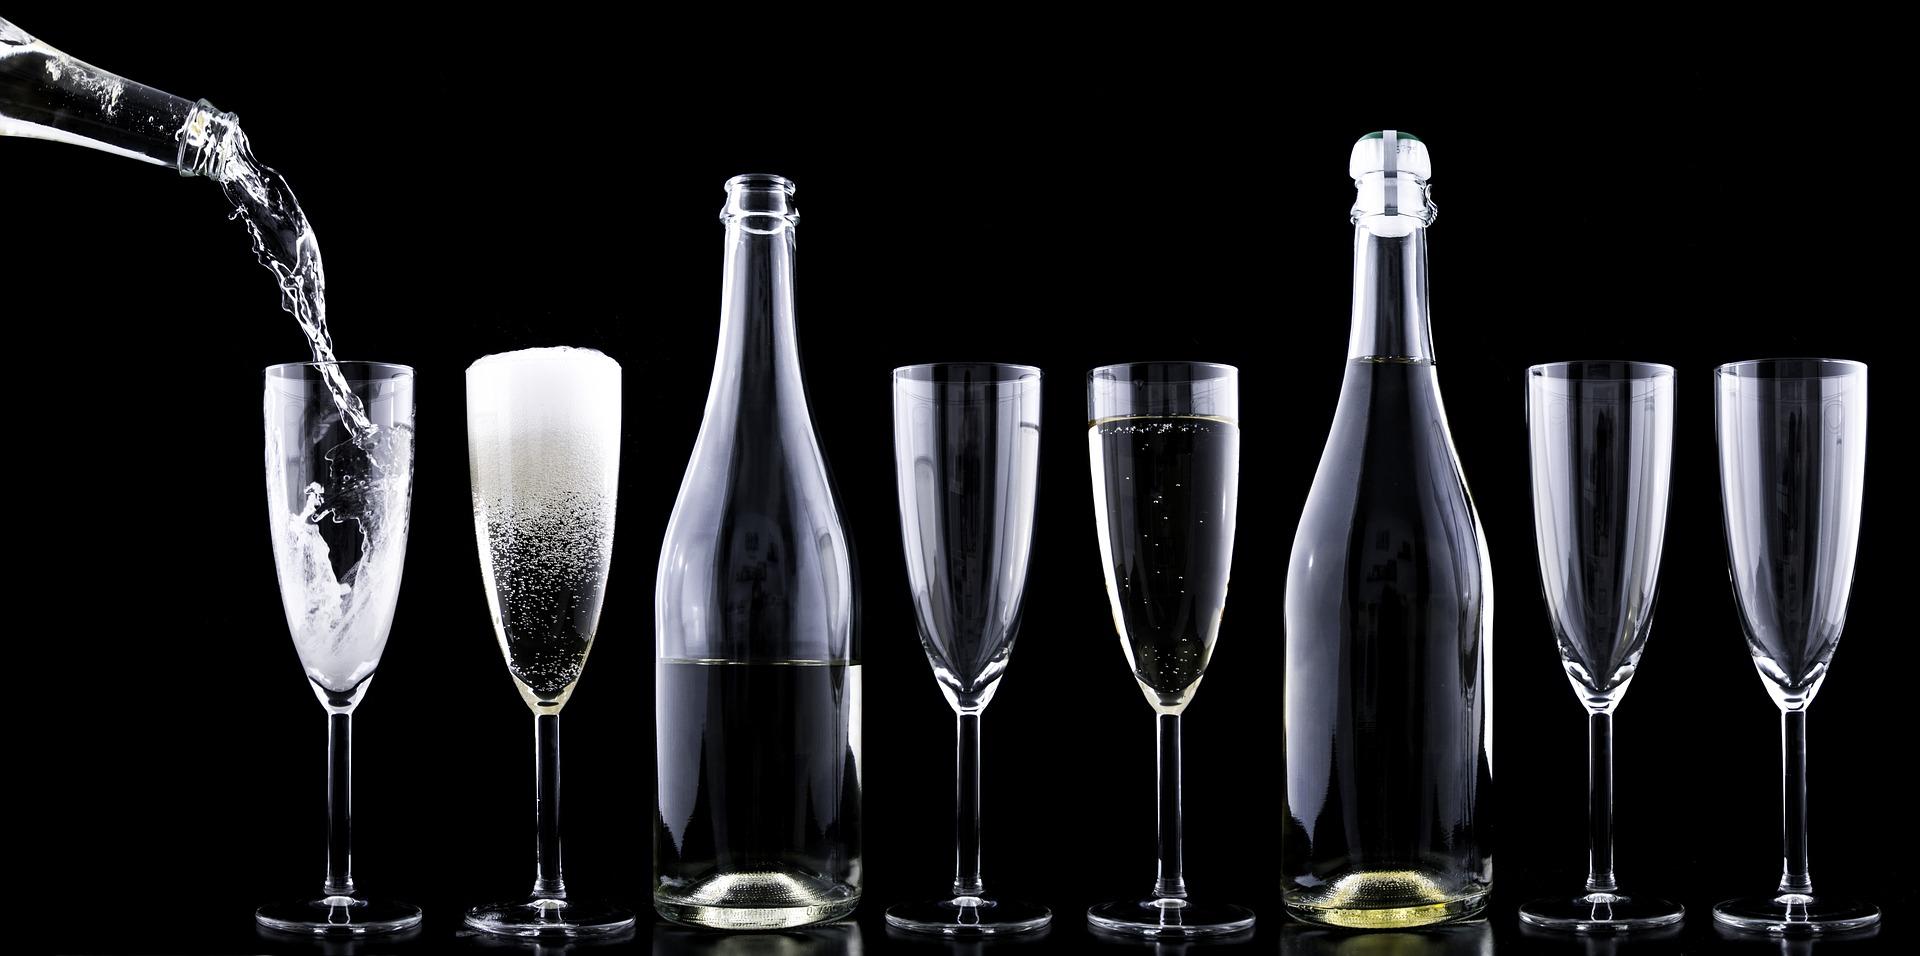 Ismerje meg Nyugat-Magyarország <br>legújabb italnagykerét